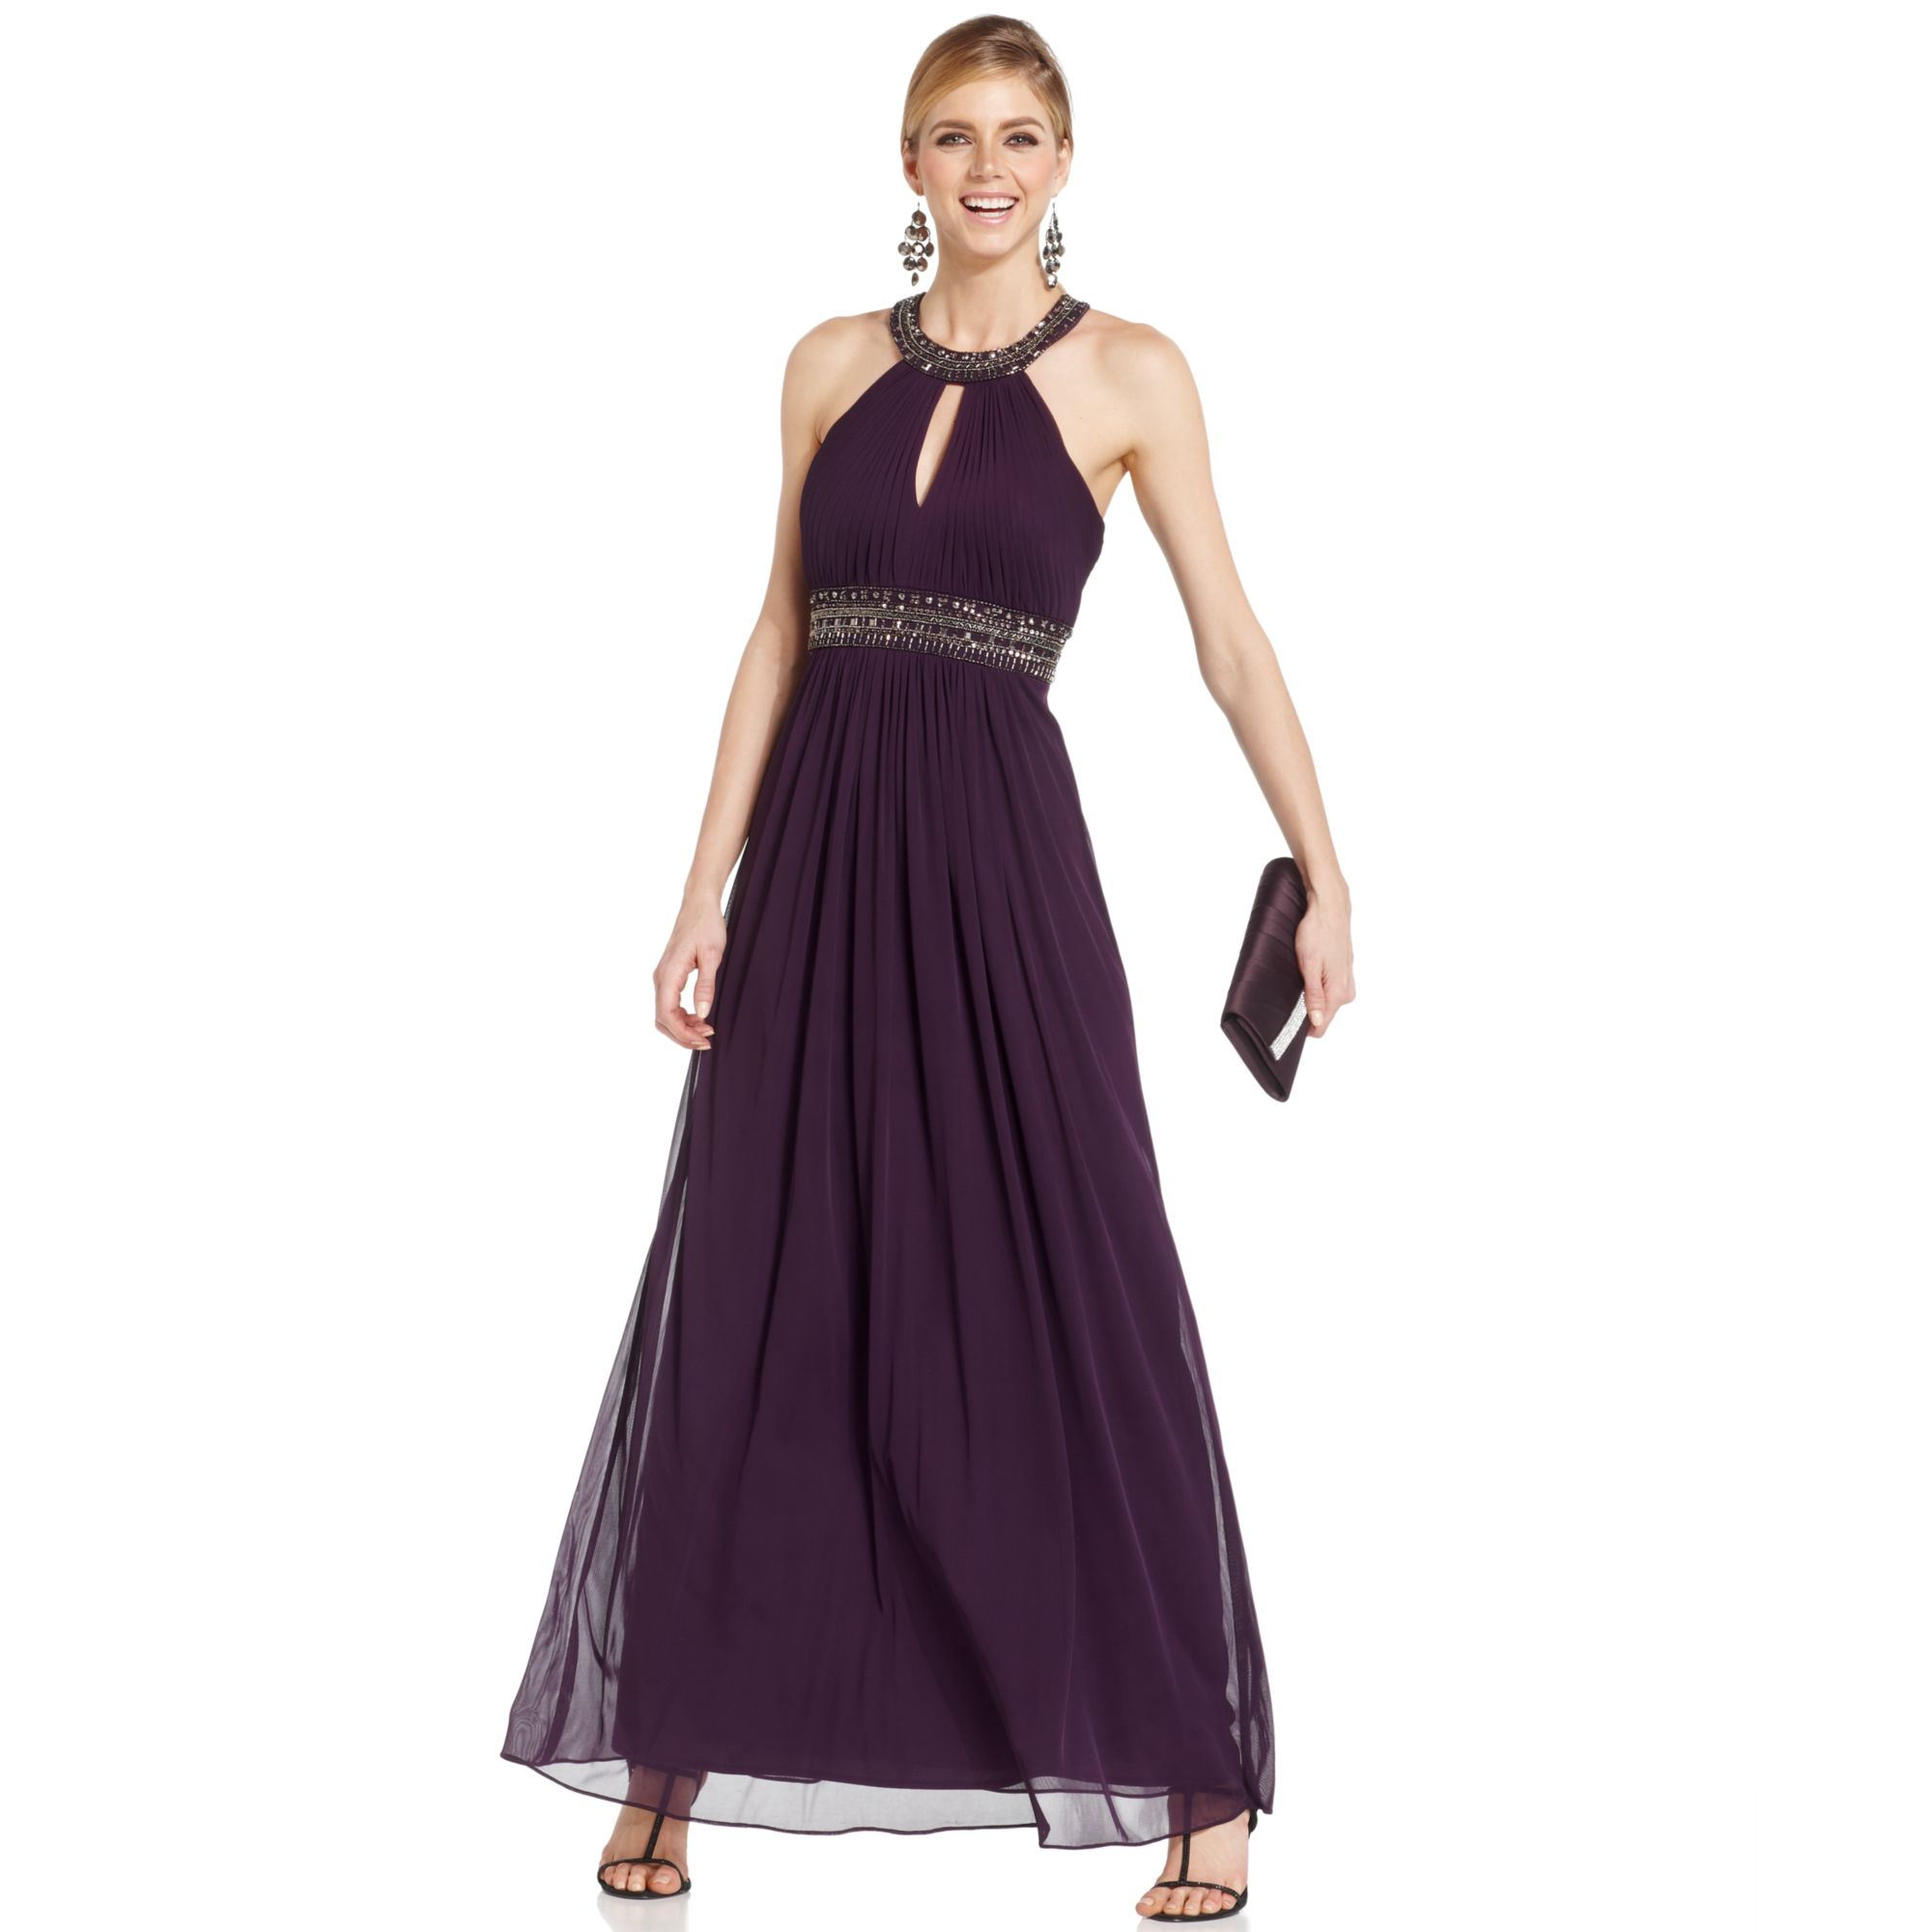 Xscape Dress Purple Chiffon